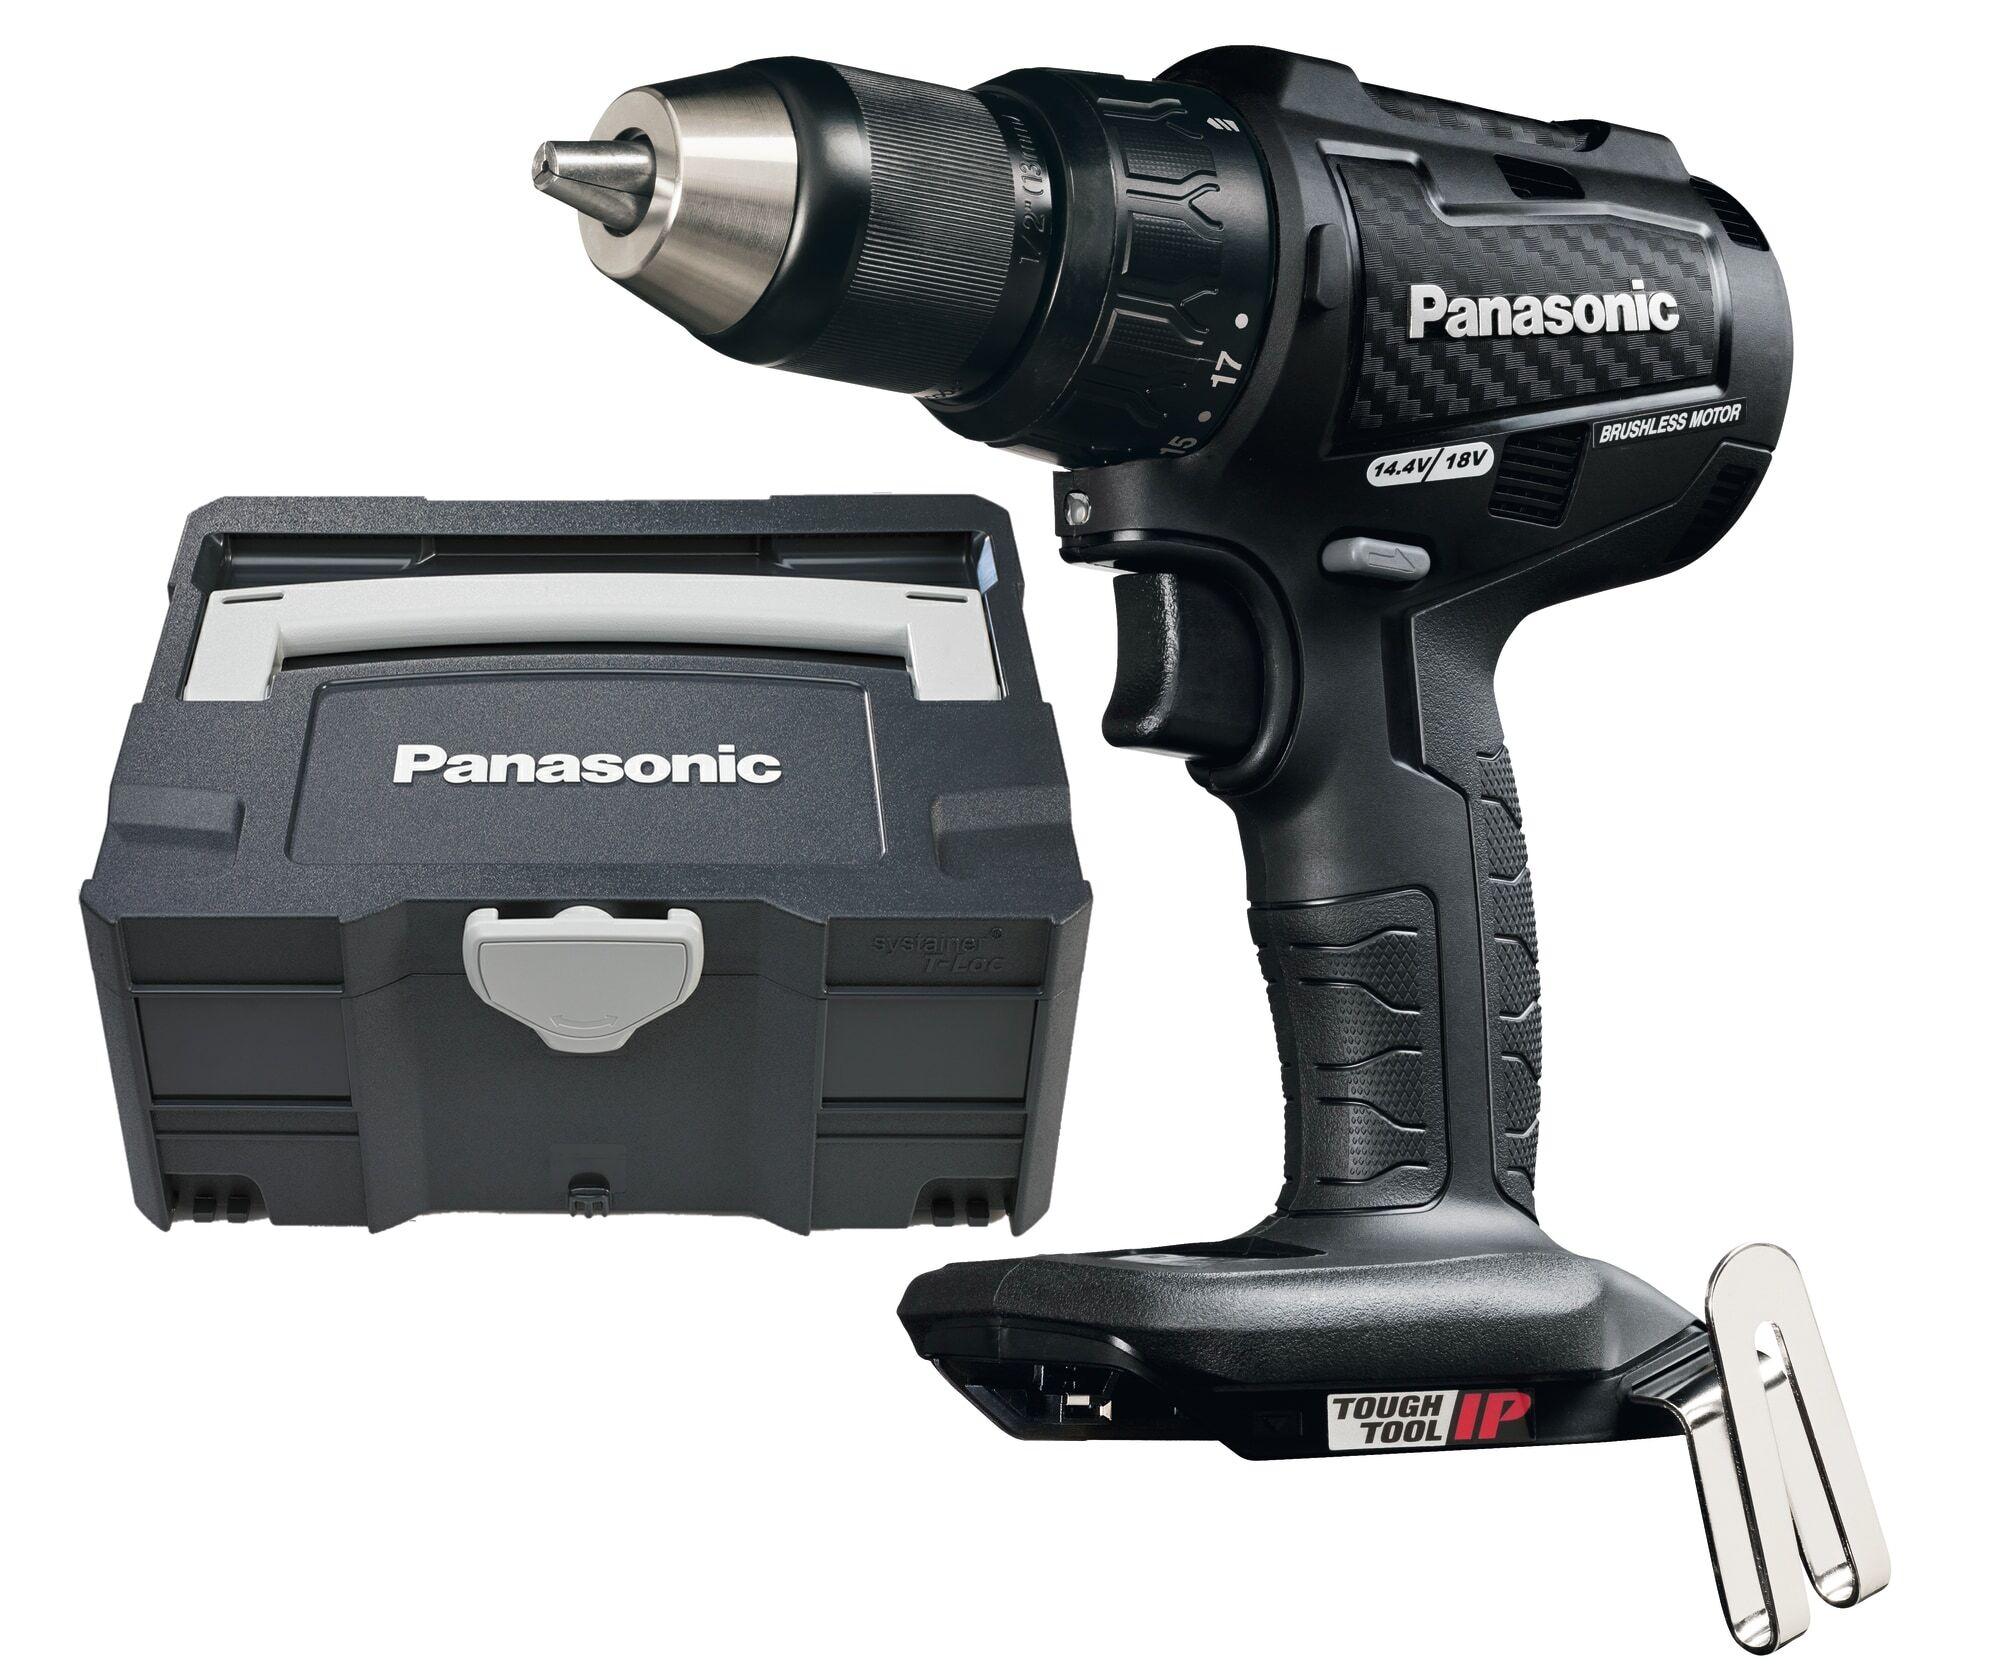 Panasonic EY79A2XT32 18V iskevä akkuporakone runko laukussa